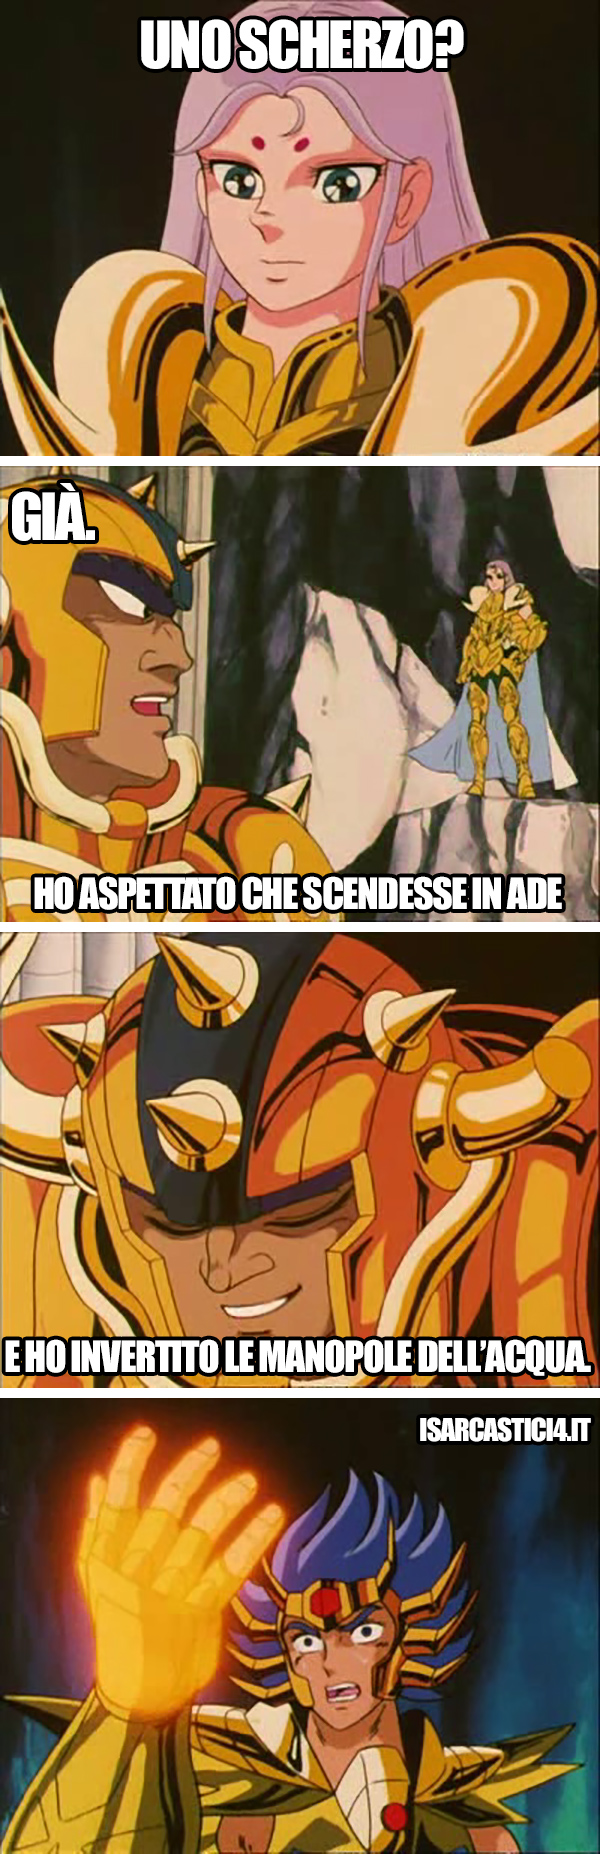 Cavalieri dello zodiaco meme ita - Scherzo